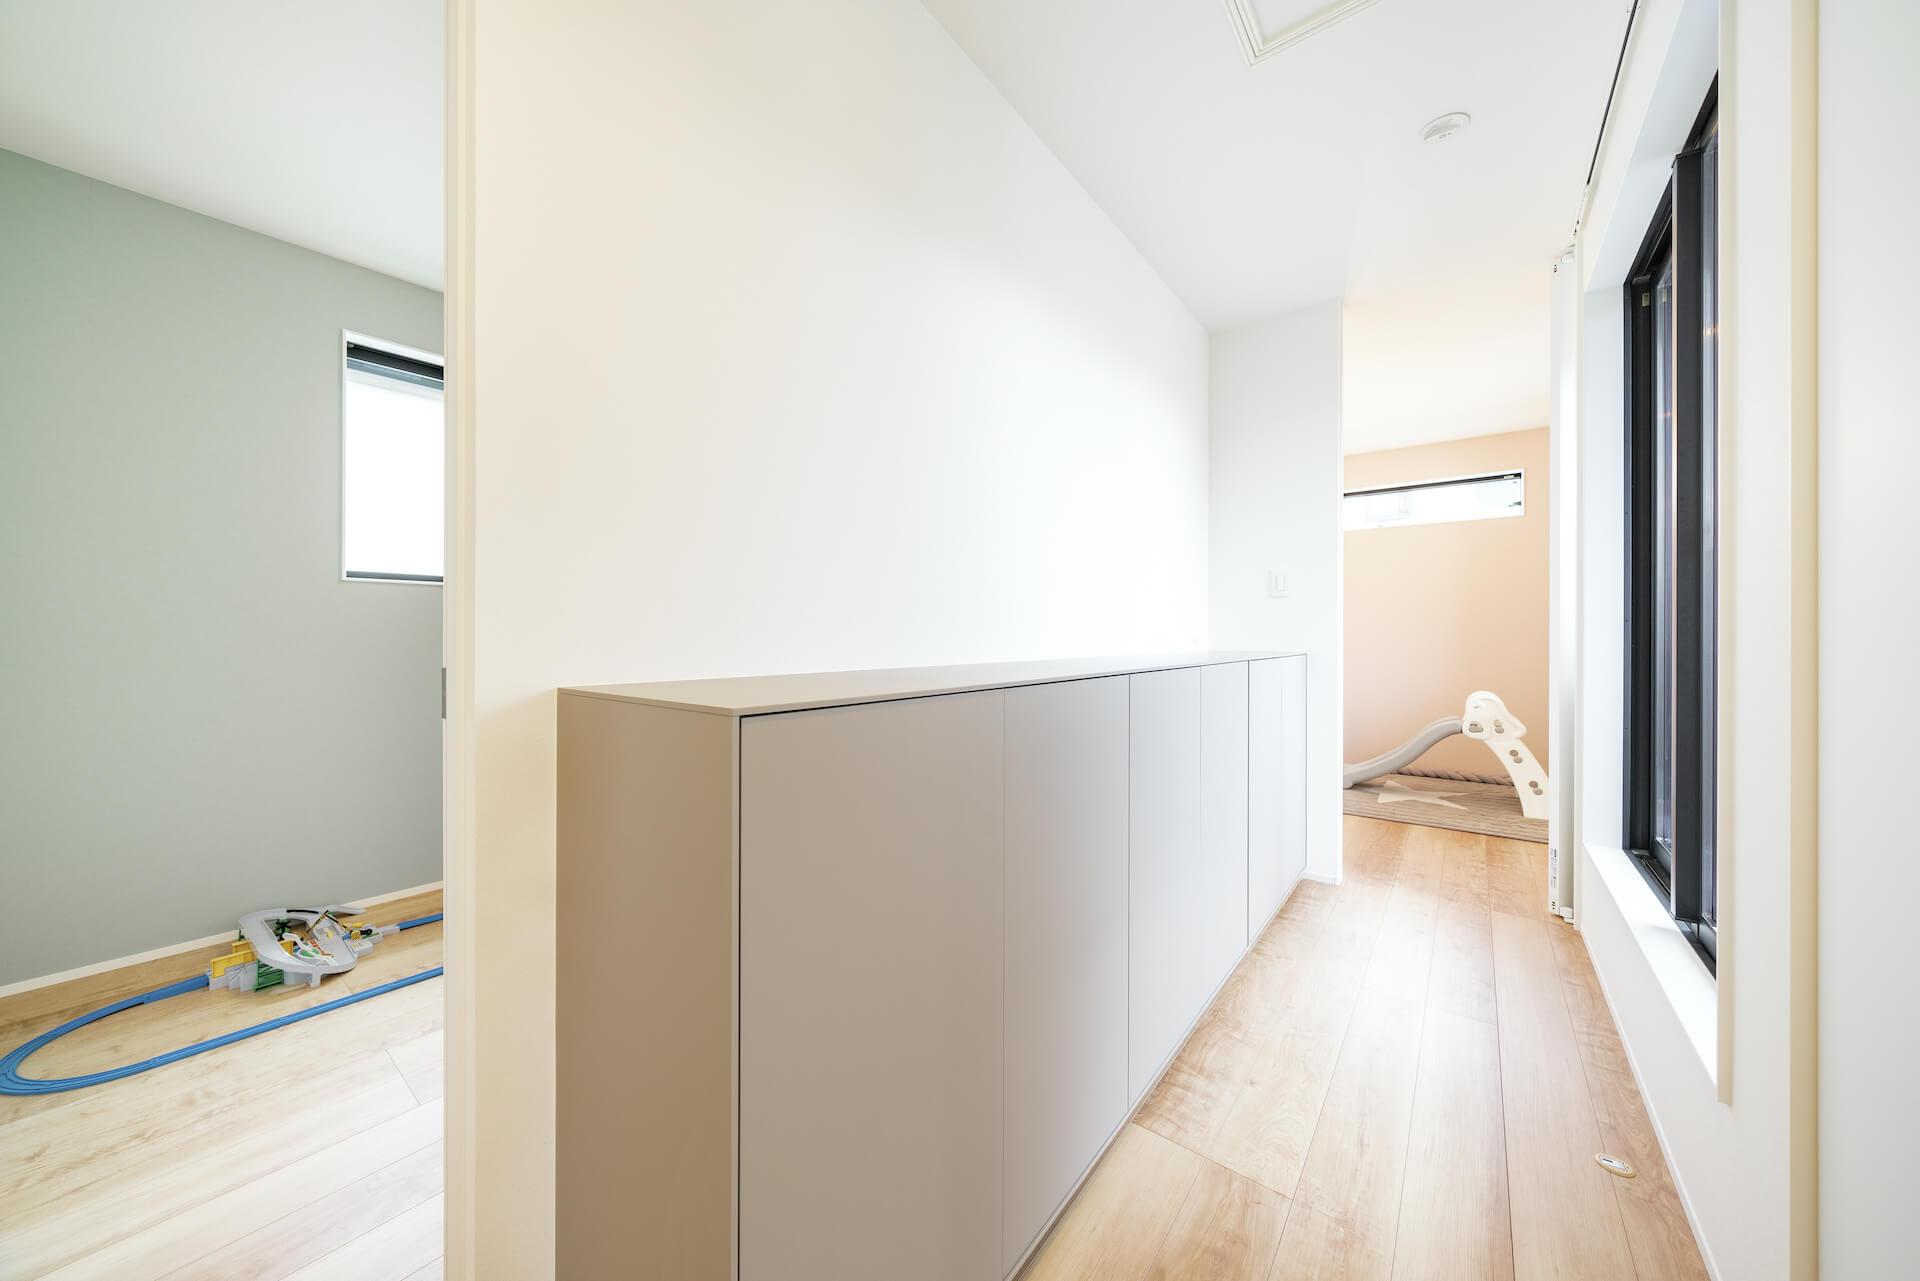 上野工務店,新築,居室,自社施工